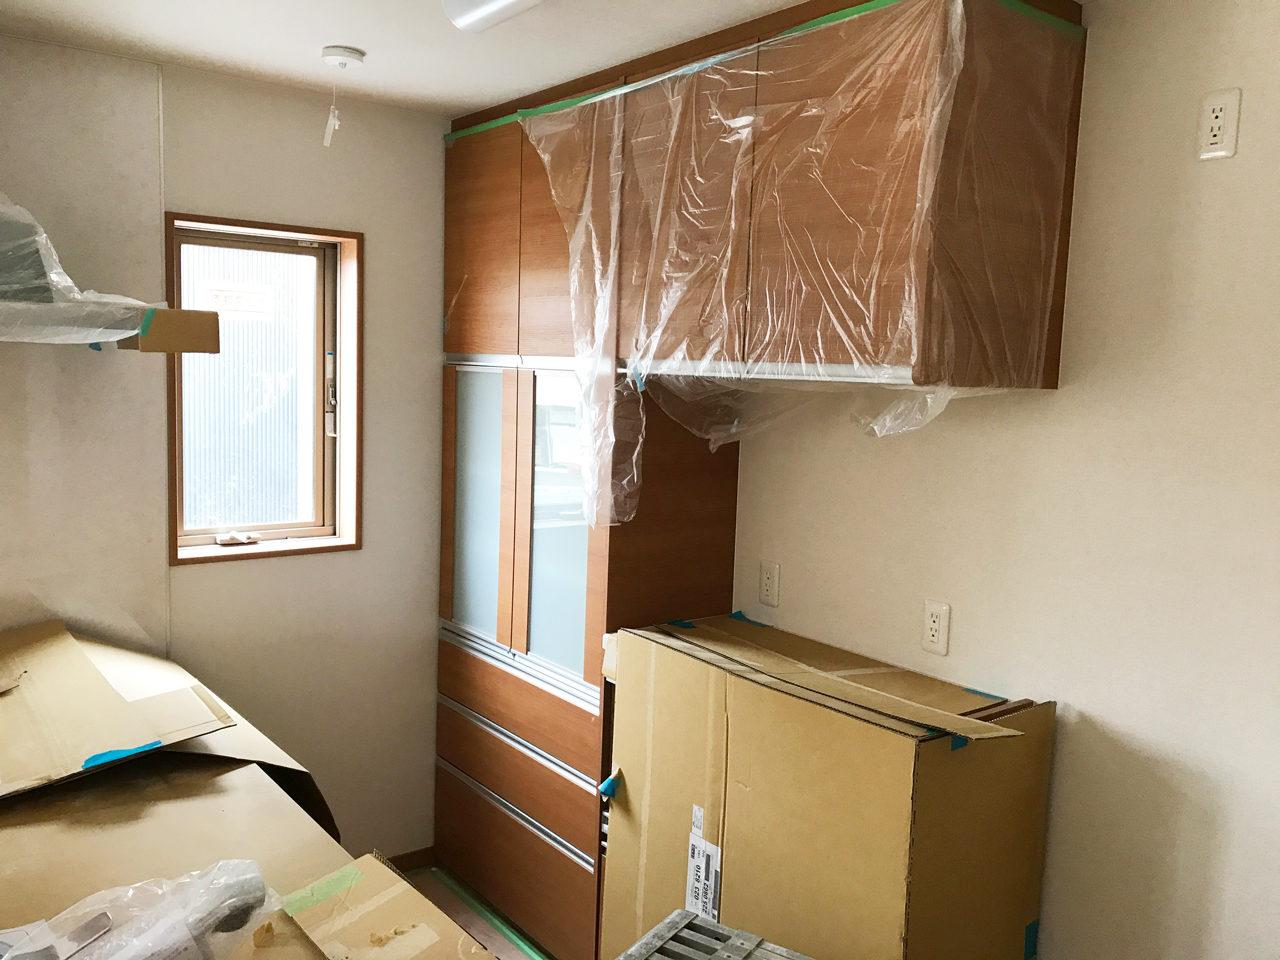 設計・デザインをした店舗(鍼灸接骨院)付き住宅のキッチンバック棚